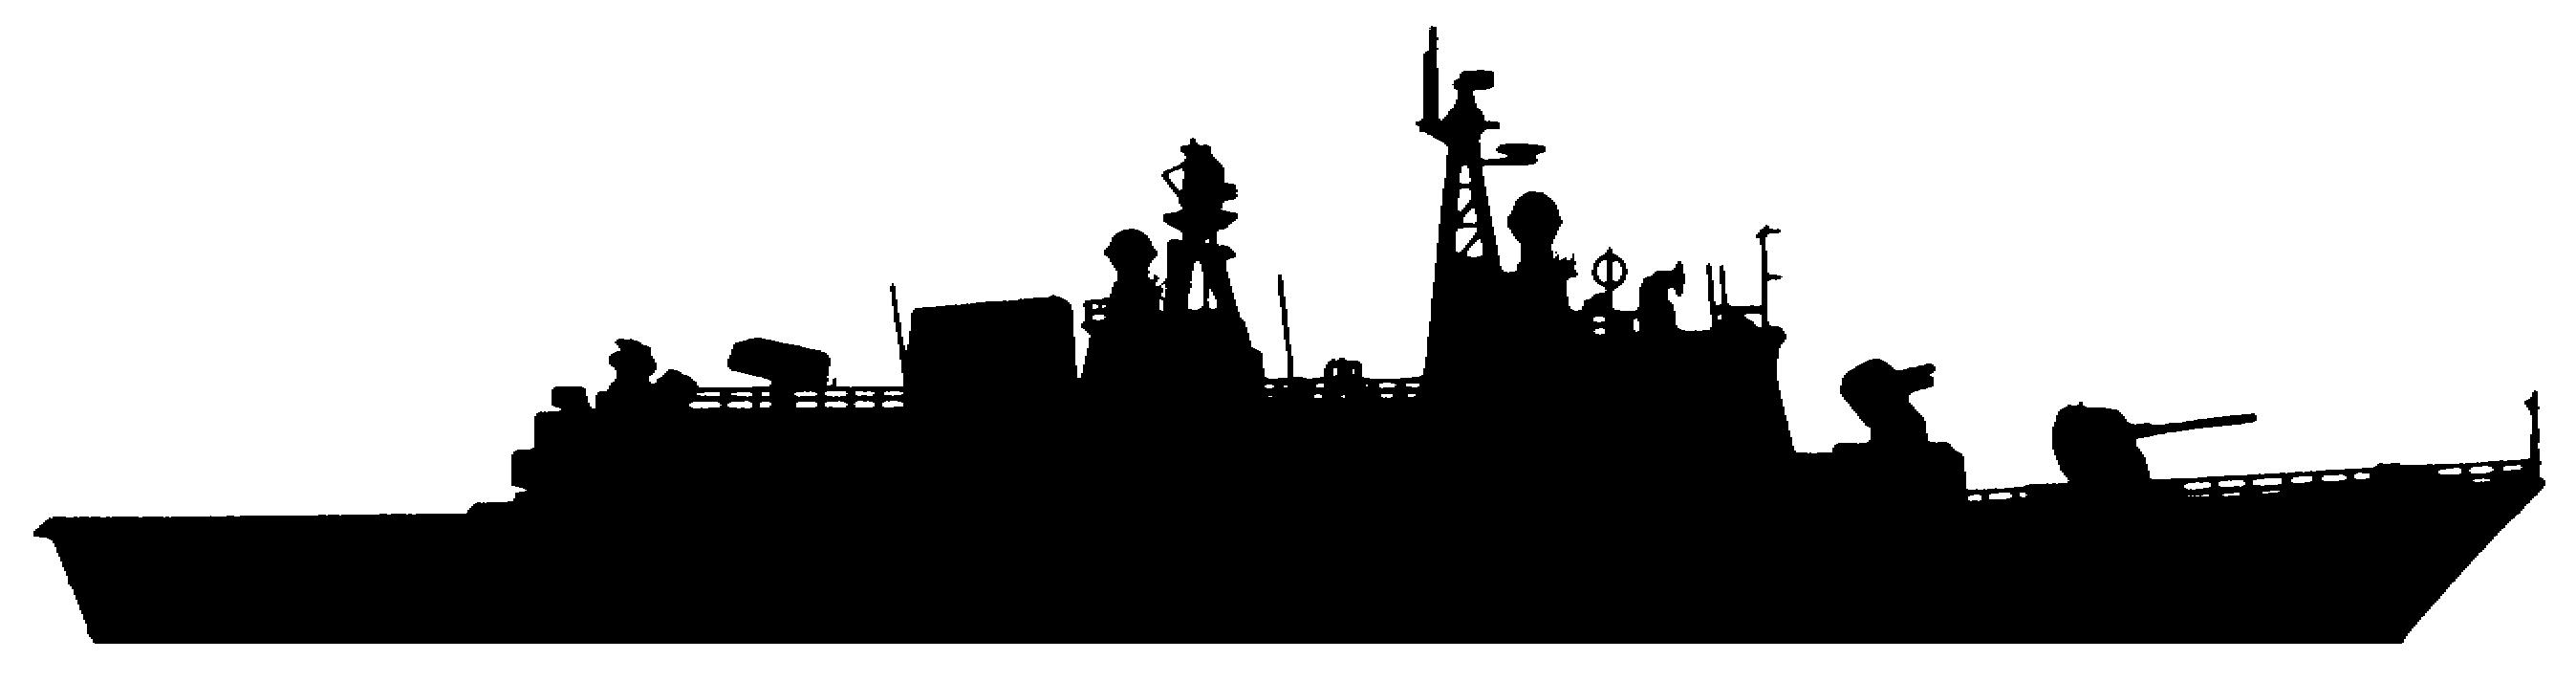 Battleship clipart Battleship Ship art Images clip